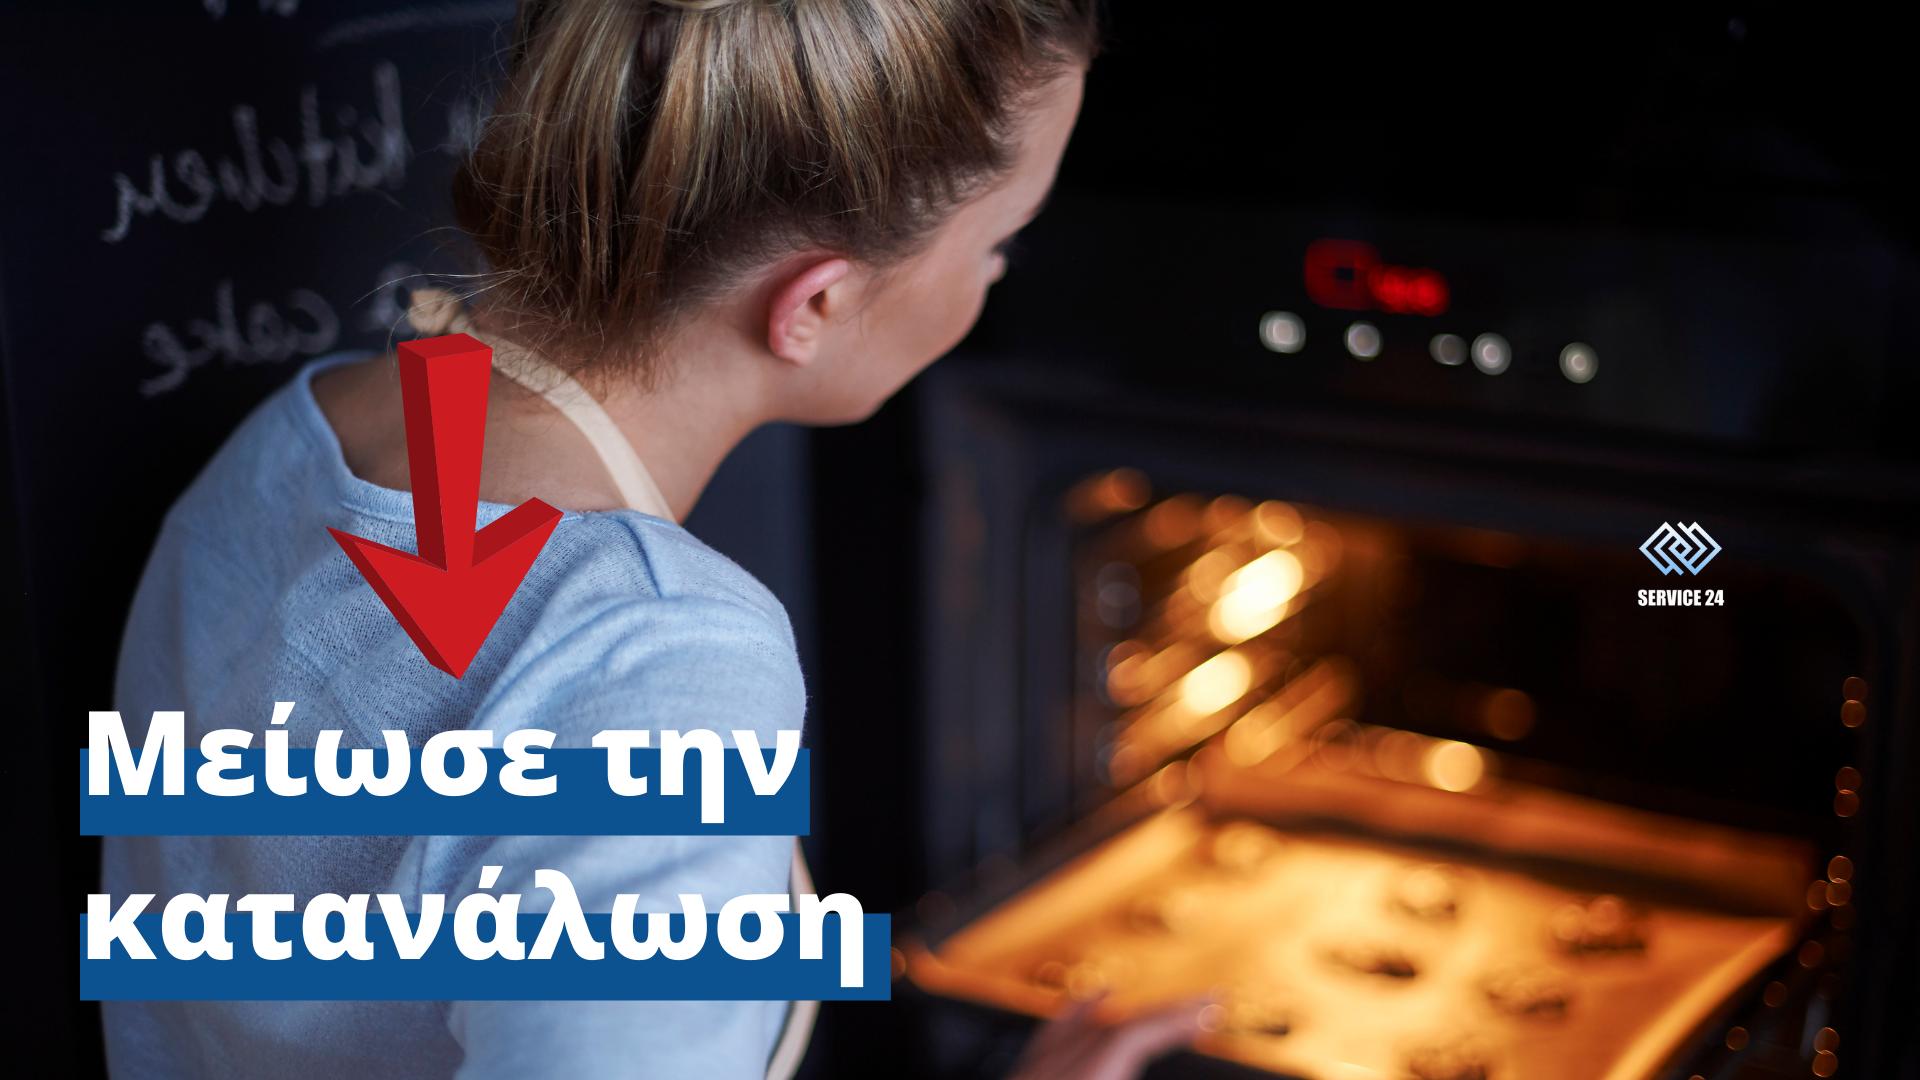 κατανάλωση ηλεκτρικής κουζίνας